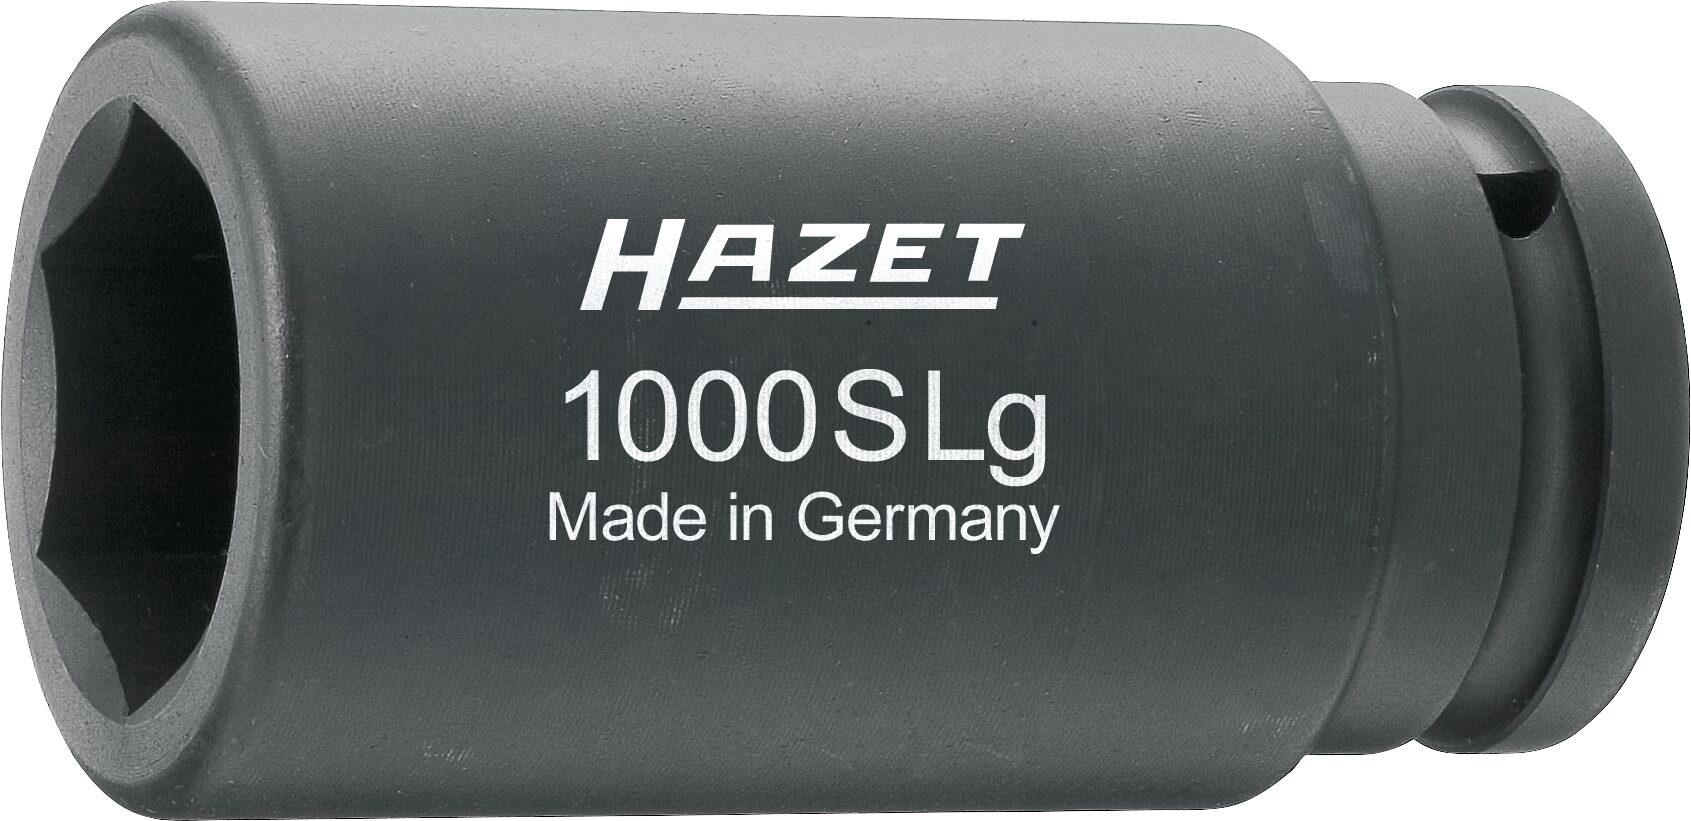 HAZET Schlag- ∙ Maschinenschrauber Steckschlüsseleinsatz ∙ Sechskant 1000SLG-36 ∙ Vierkant hohl 20 mm (3/4 Zoll)